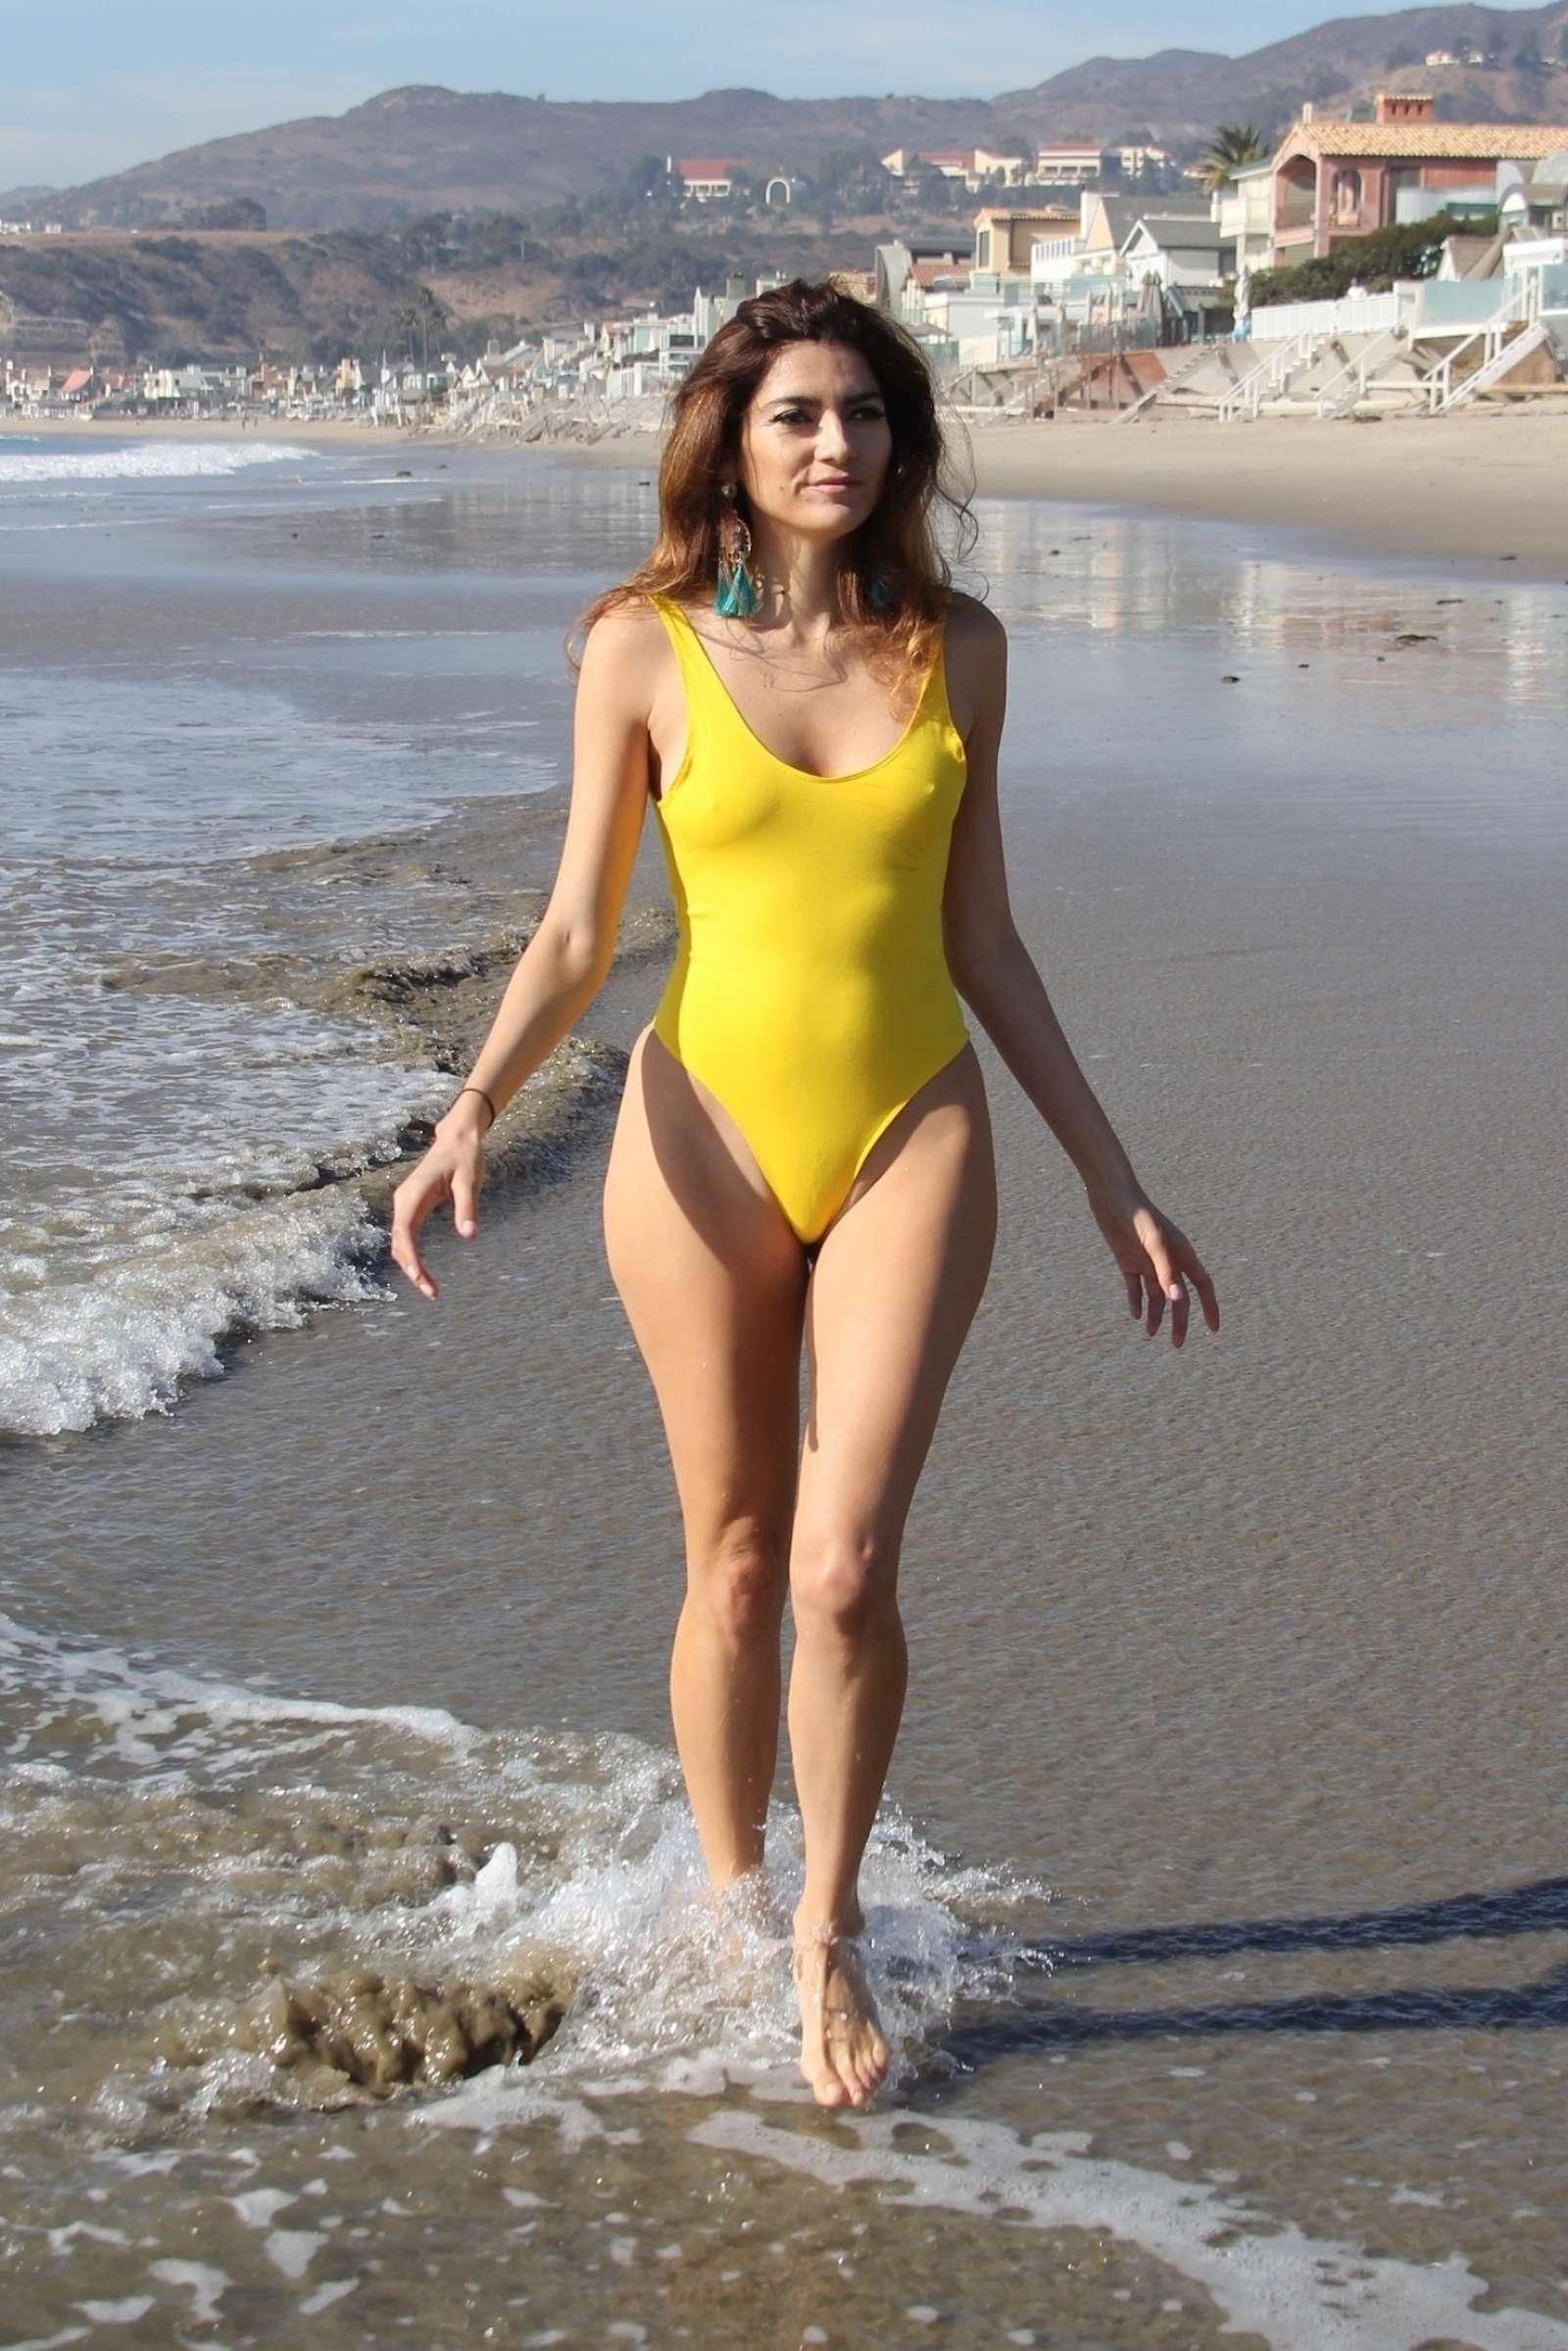 Blanca Blanco in Yellow Swimsuit on the beach in Malibu